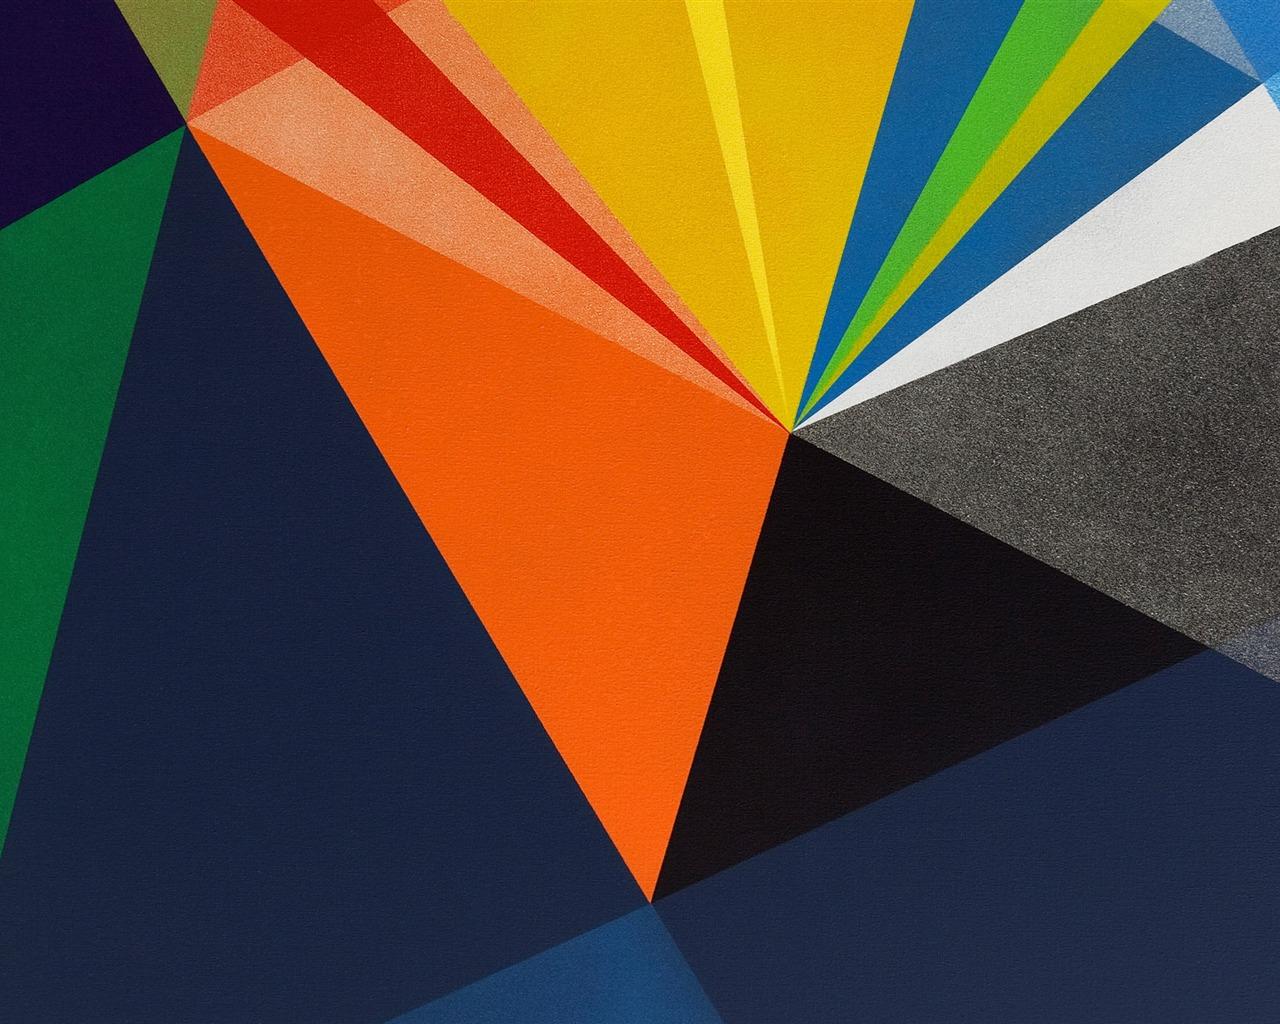 抽象色块-Mac OS 壁纸预览